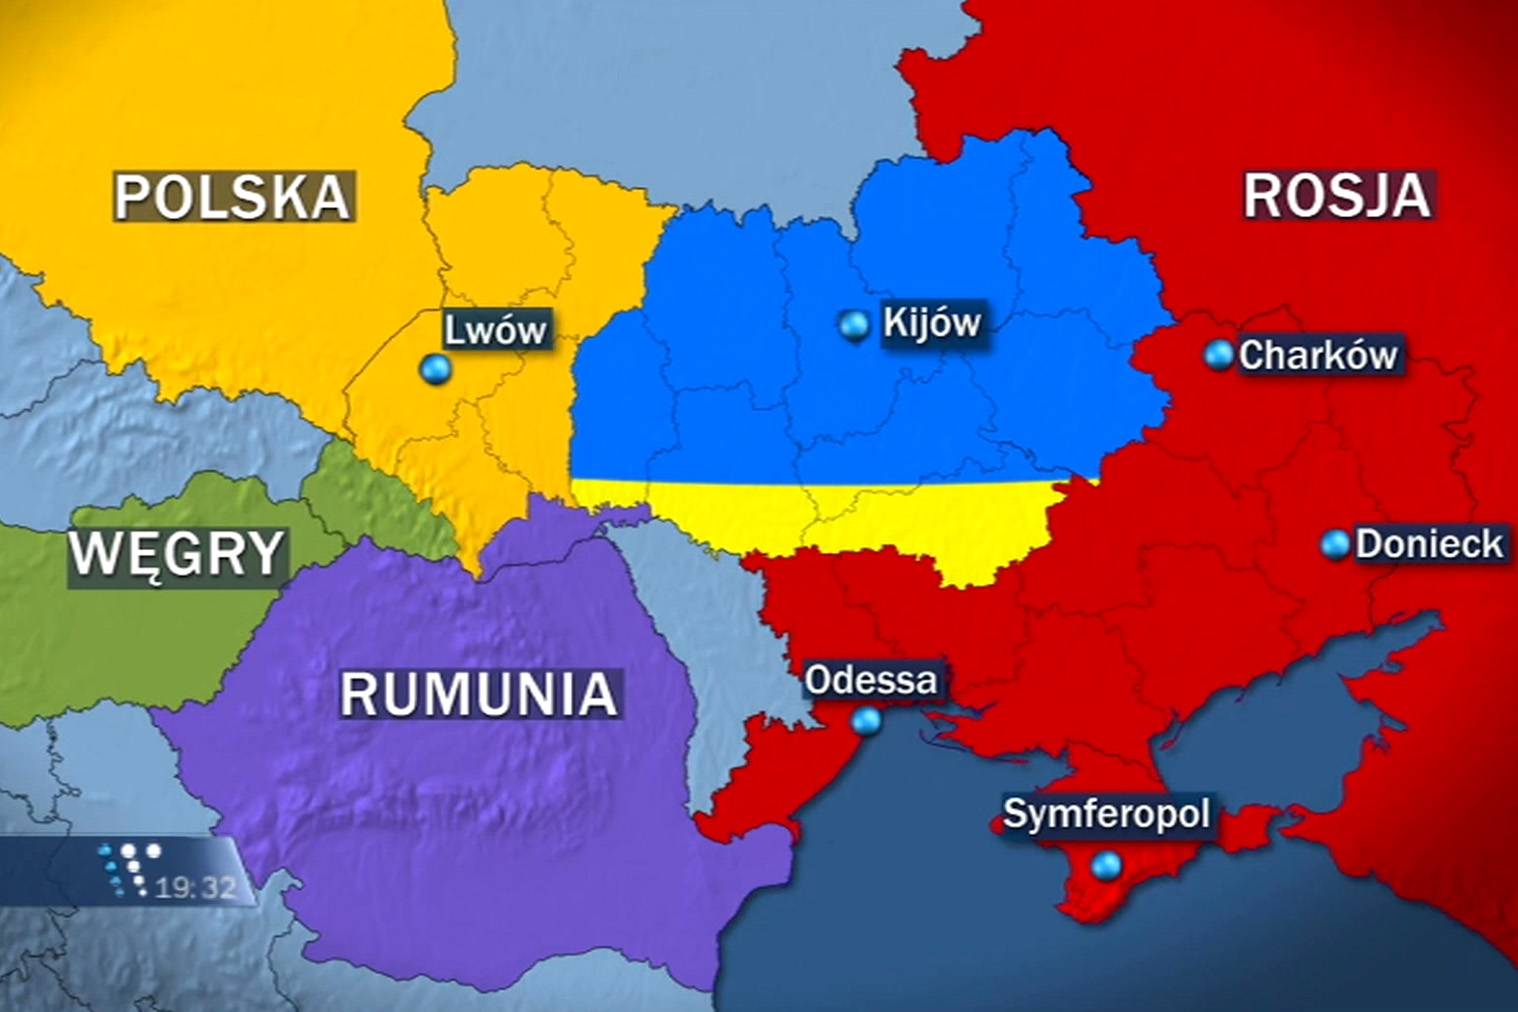 térkép ukrajna magyarország Magyarországnak is adna Ukrajnából az orosz duma alelnöke térkép ukrajna magyarország